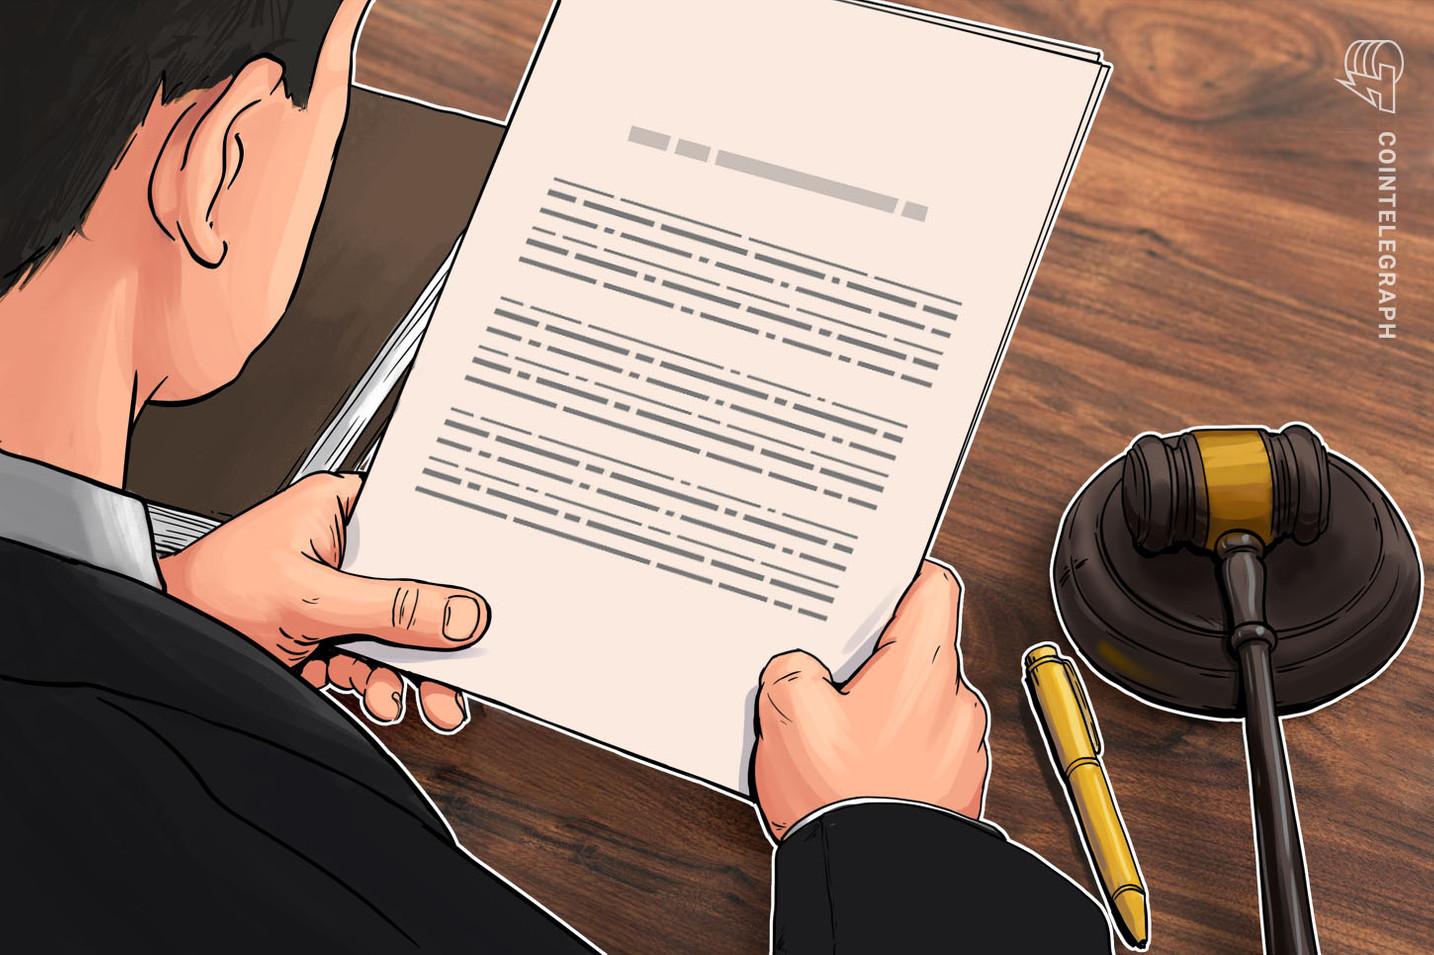 الولايات المتحدة: اتهام مشغل بورصة بيتكوين غير مرخص من قبل وزارة العدل